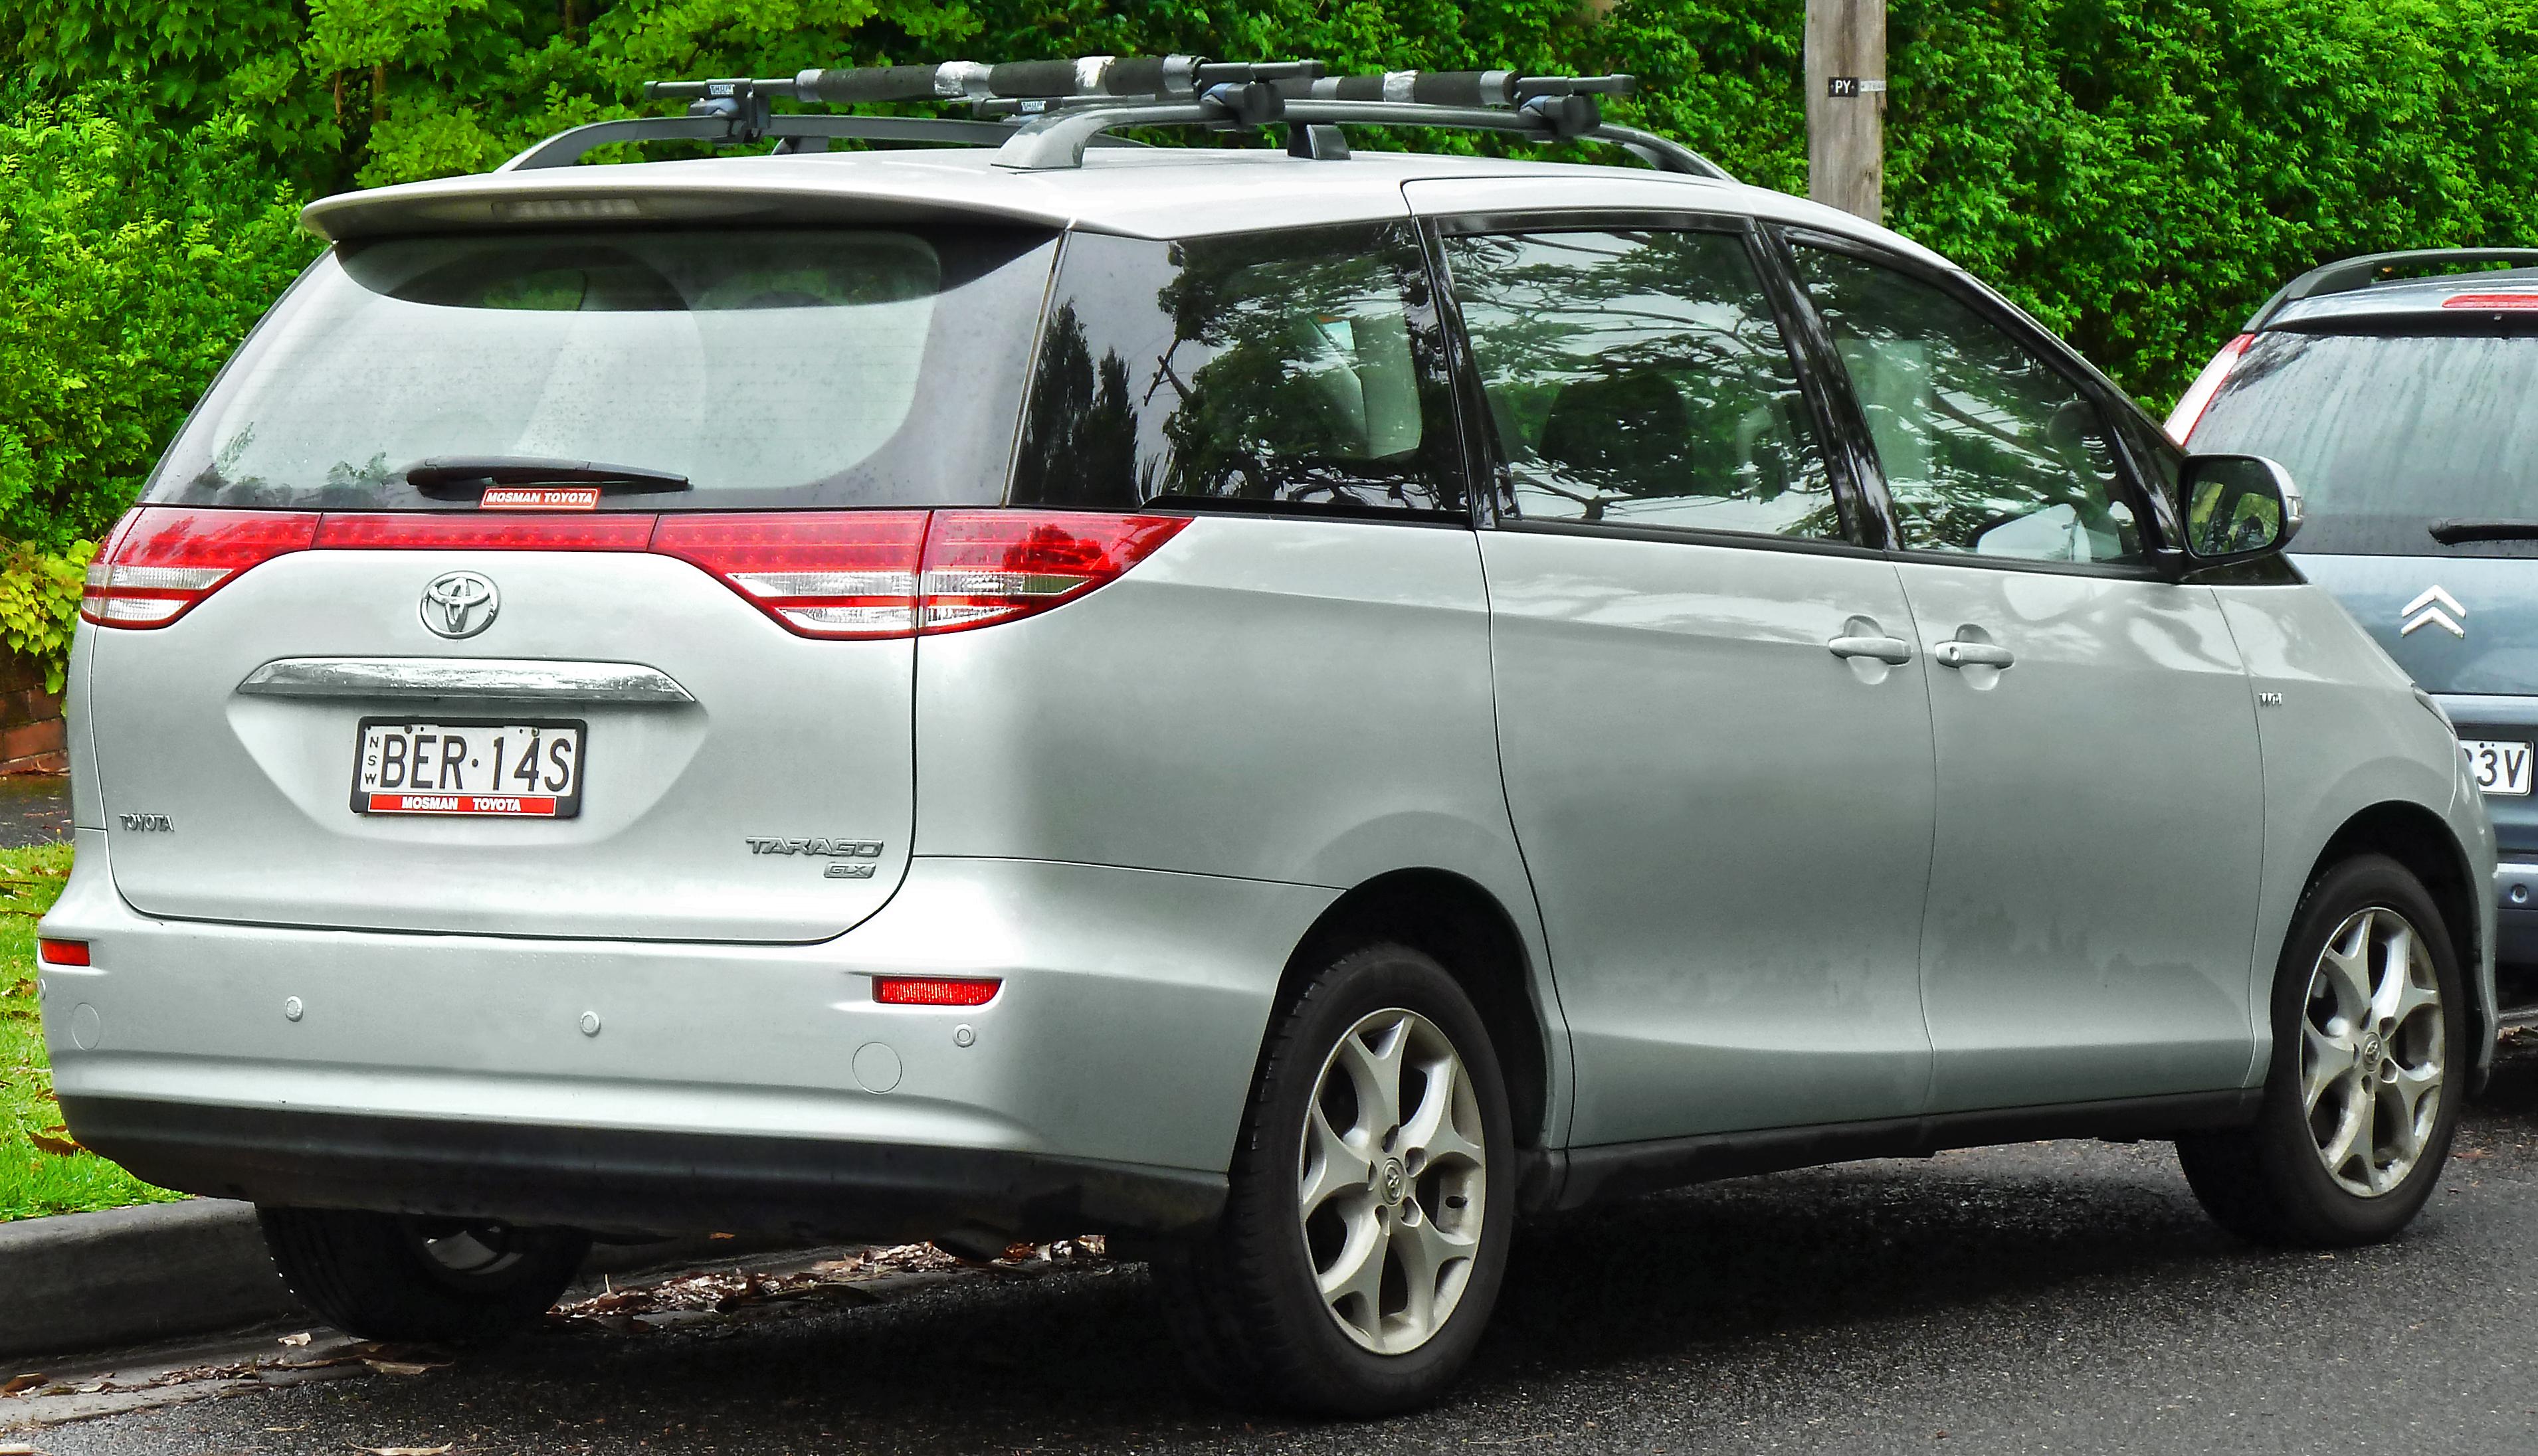 Toyota Tarago photos